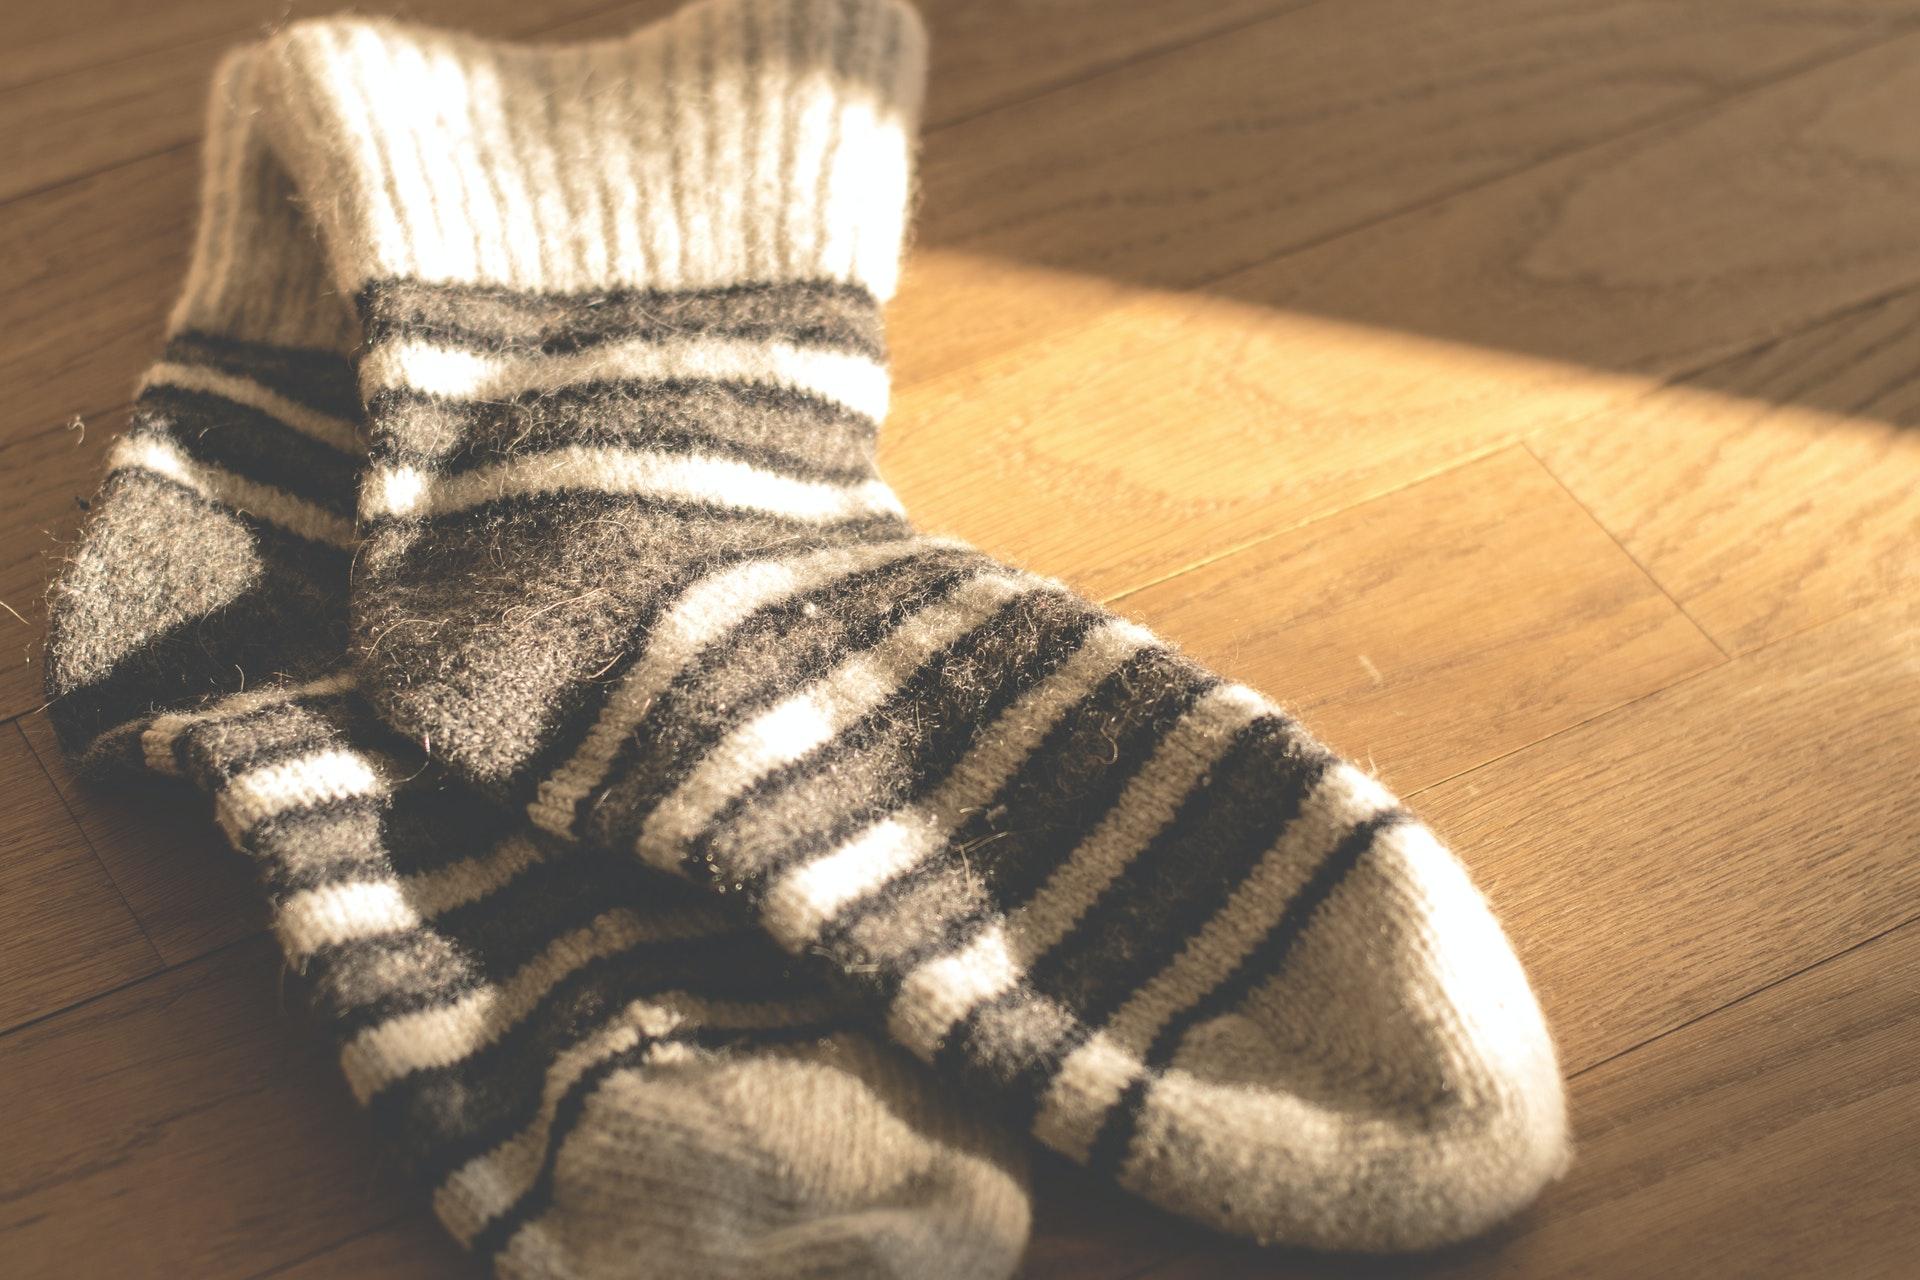 ボーダー柄のオーガニックの靴下